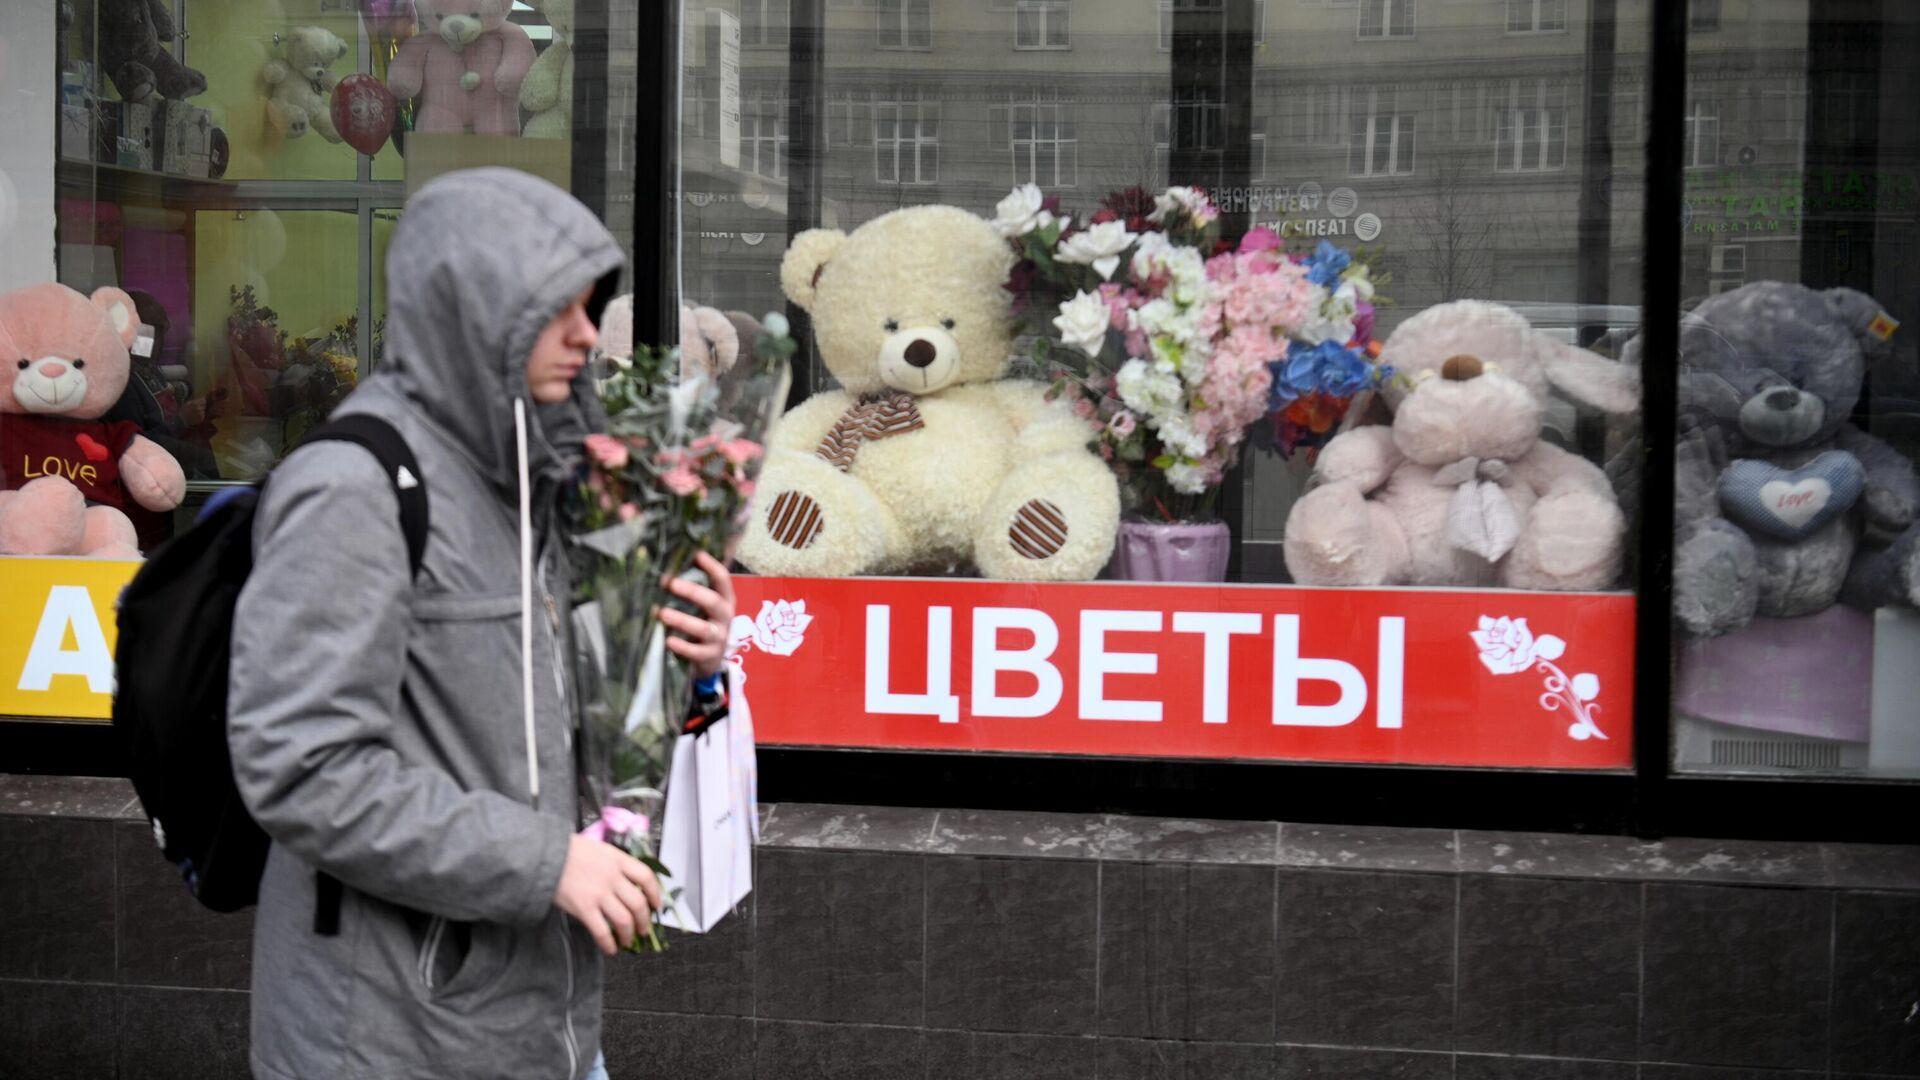 Молодой человек проходит мимо витрины магазина с сувенирной продукцией ко Дню Святого Валентина - РИА Новости, 1920, 11.02.2021